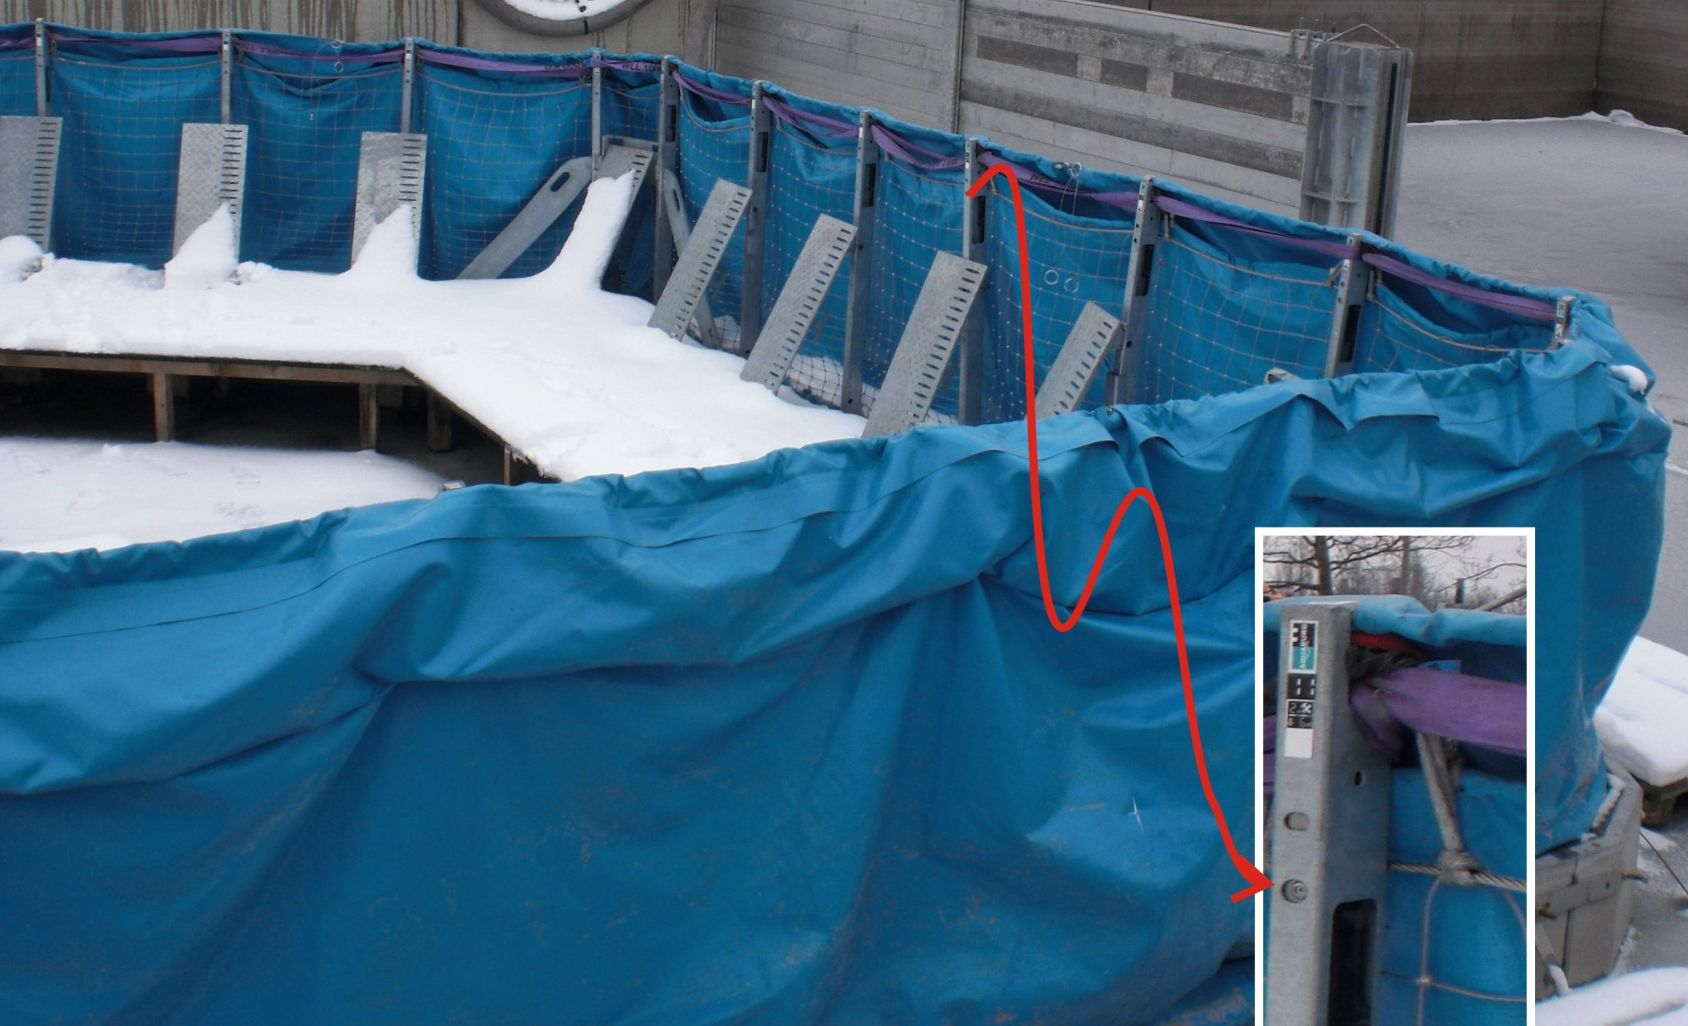 aquaburg-aktuelles-extremtest-extrembelastung-aufgebaut-winter-mit-sabotageschraube